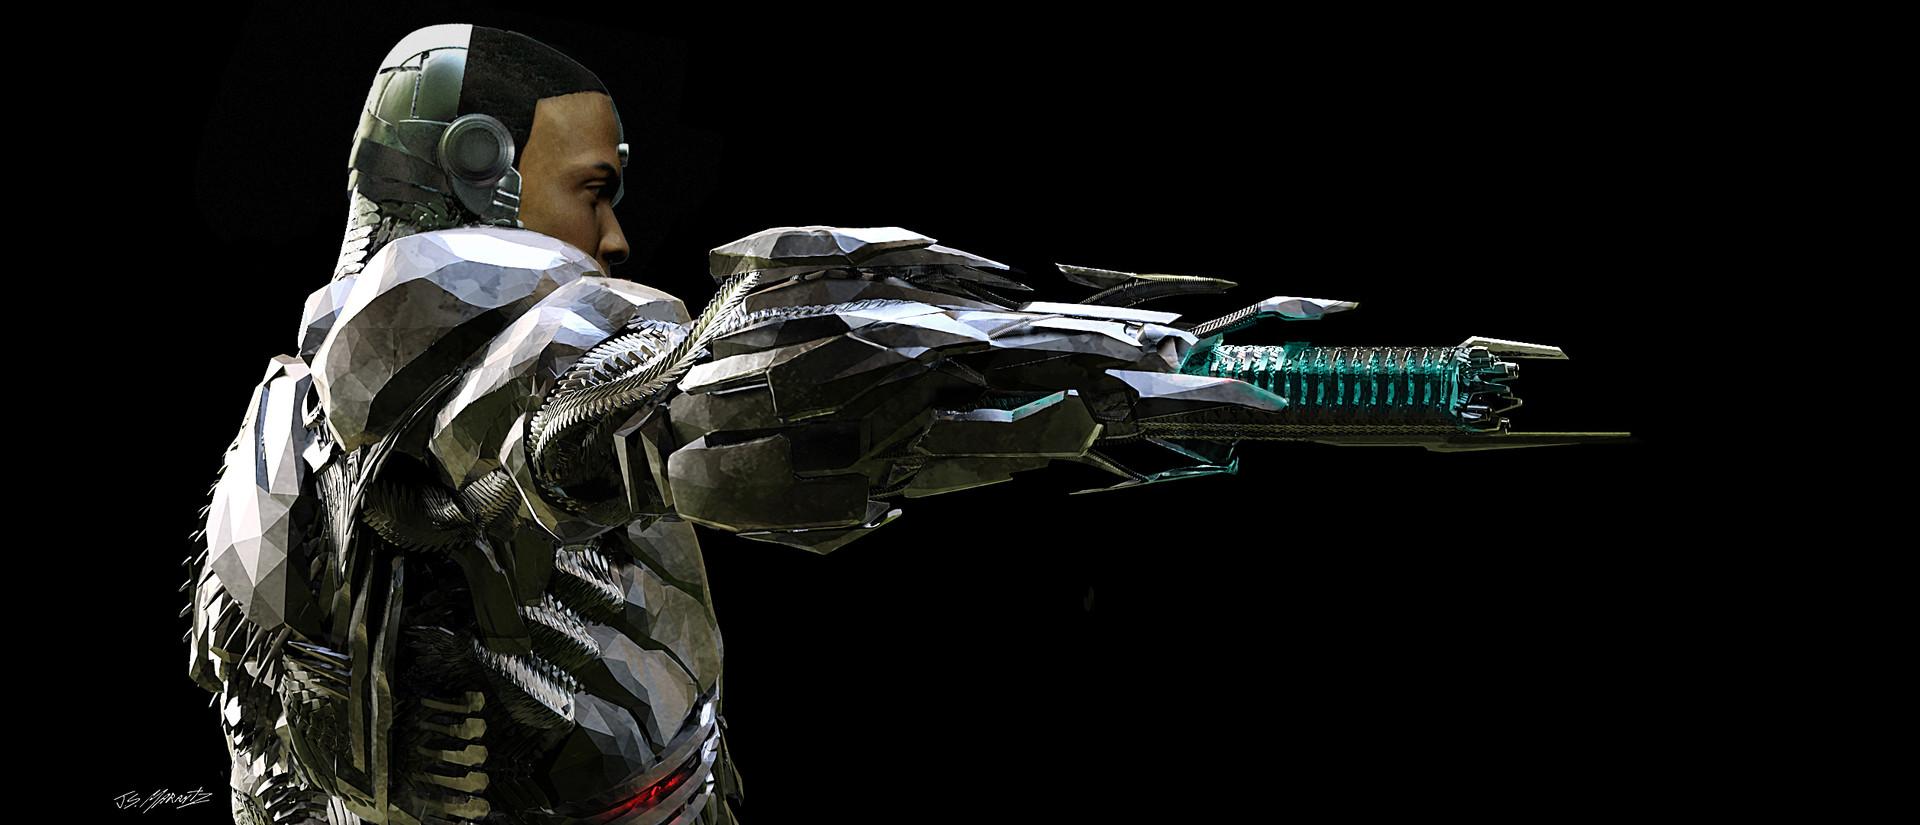 Jerx marantz cyborg gun view 2 2 2